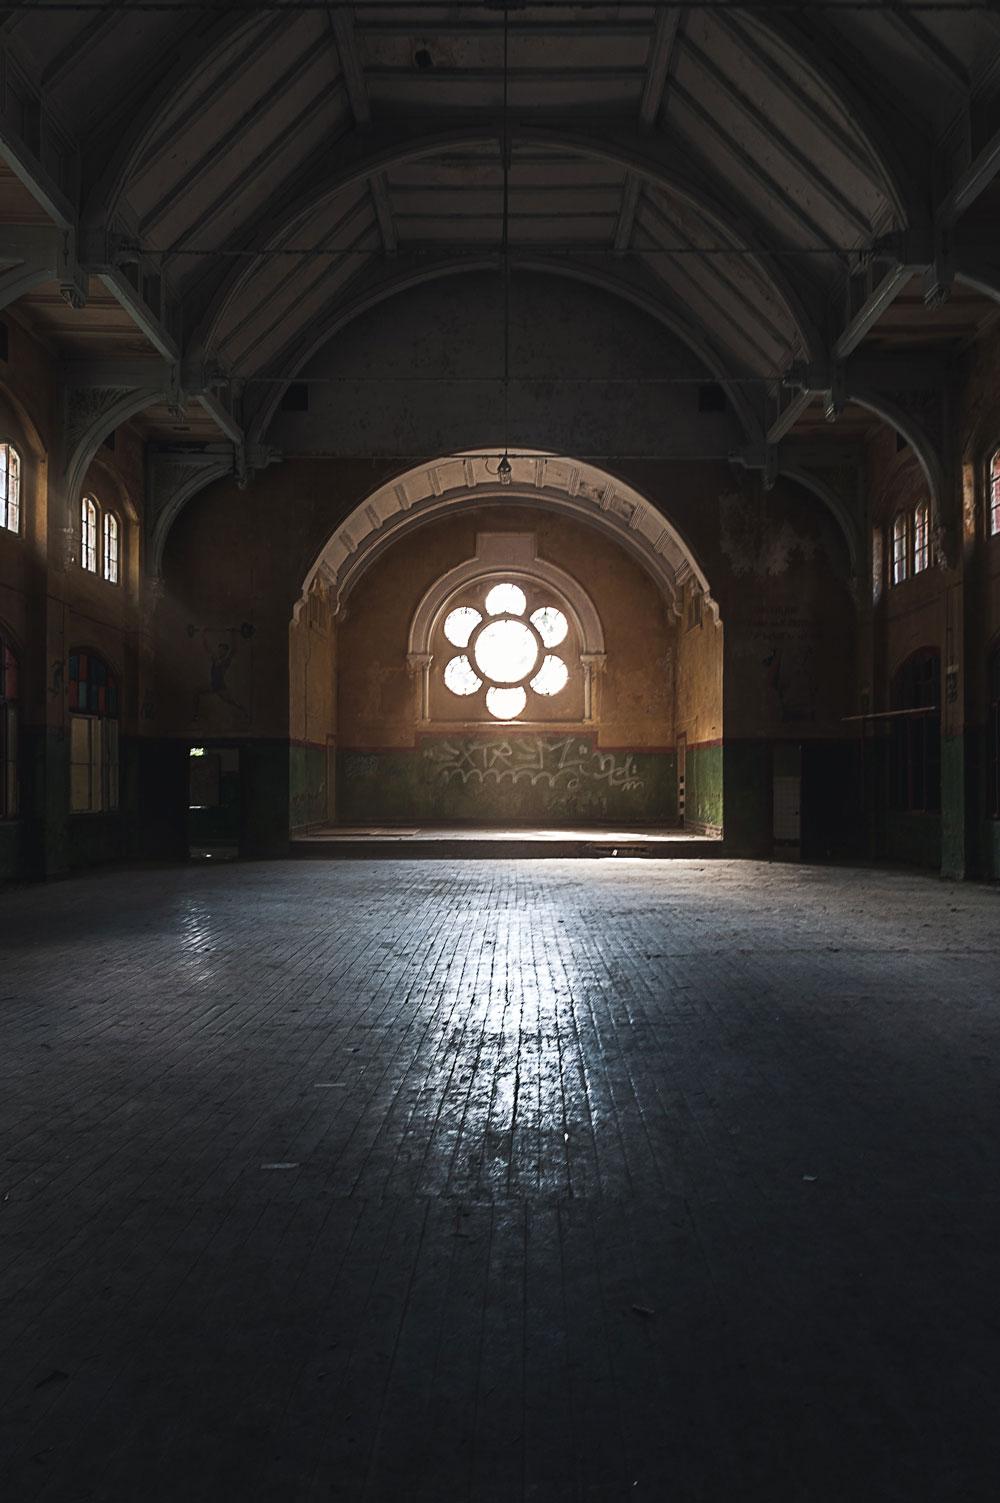 Licht fällt durch das große Fenster in den alten Speisesaal